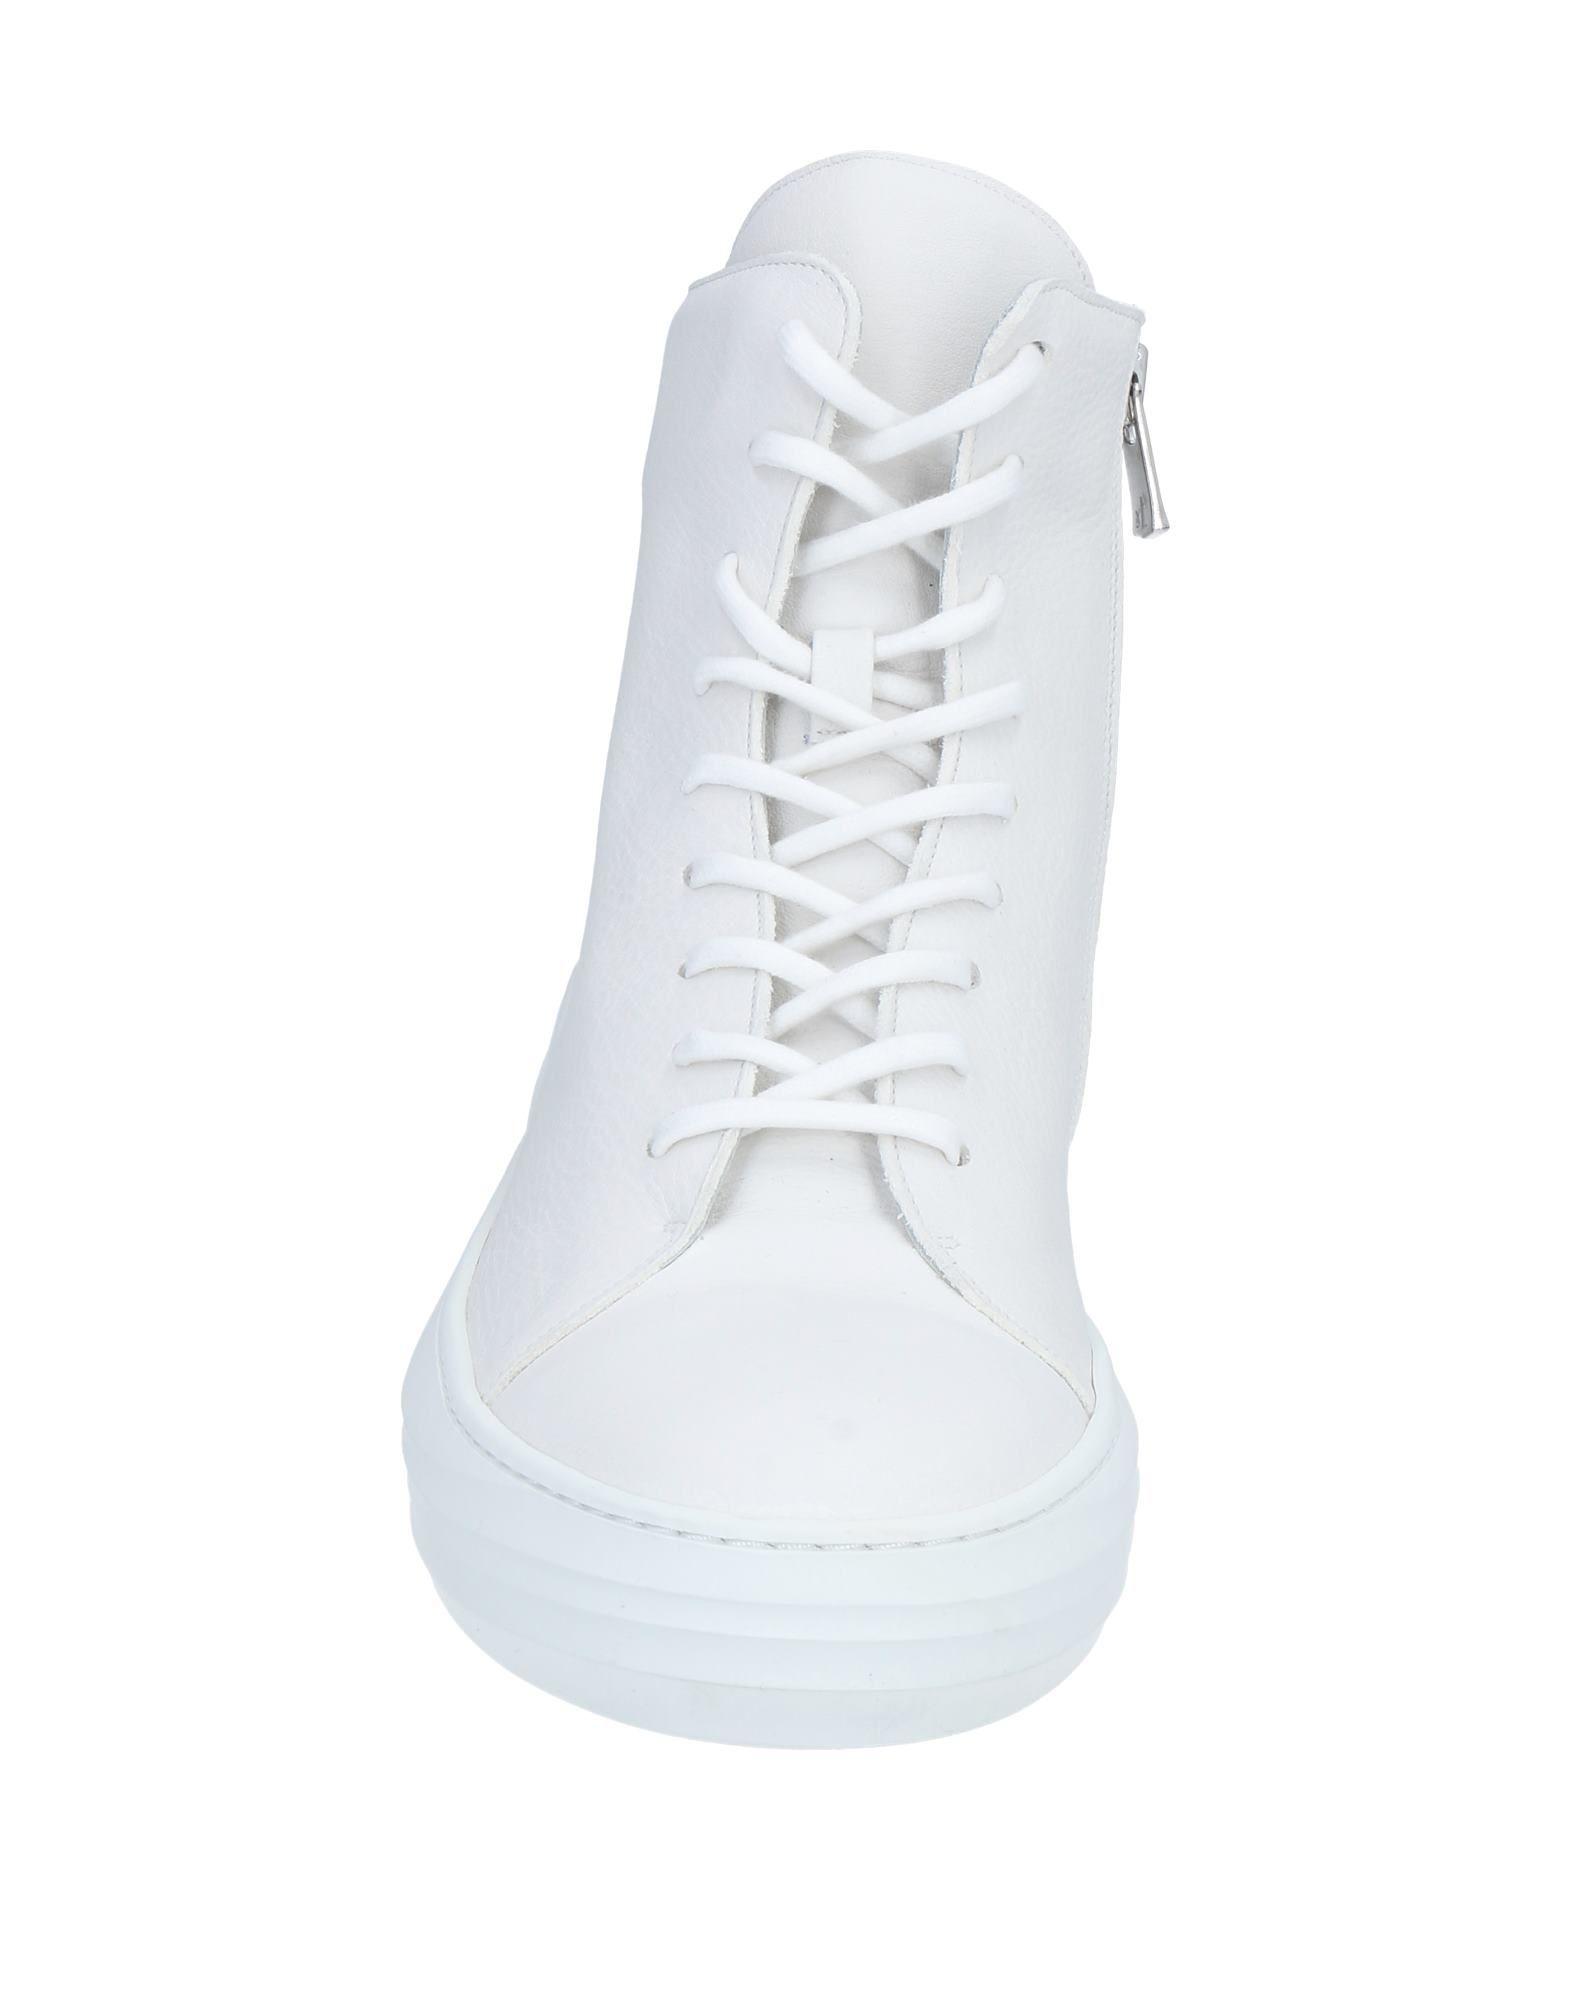 The Last Sneakers Conspiracy Sneakers Last Herren  11533139WR 333d78